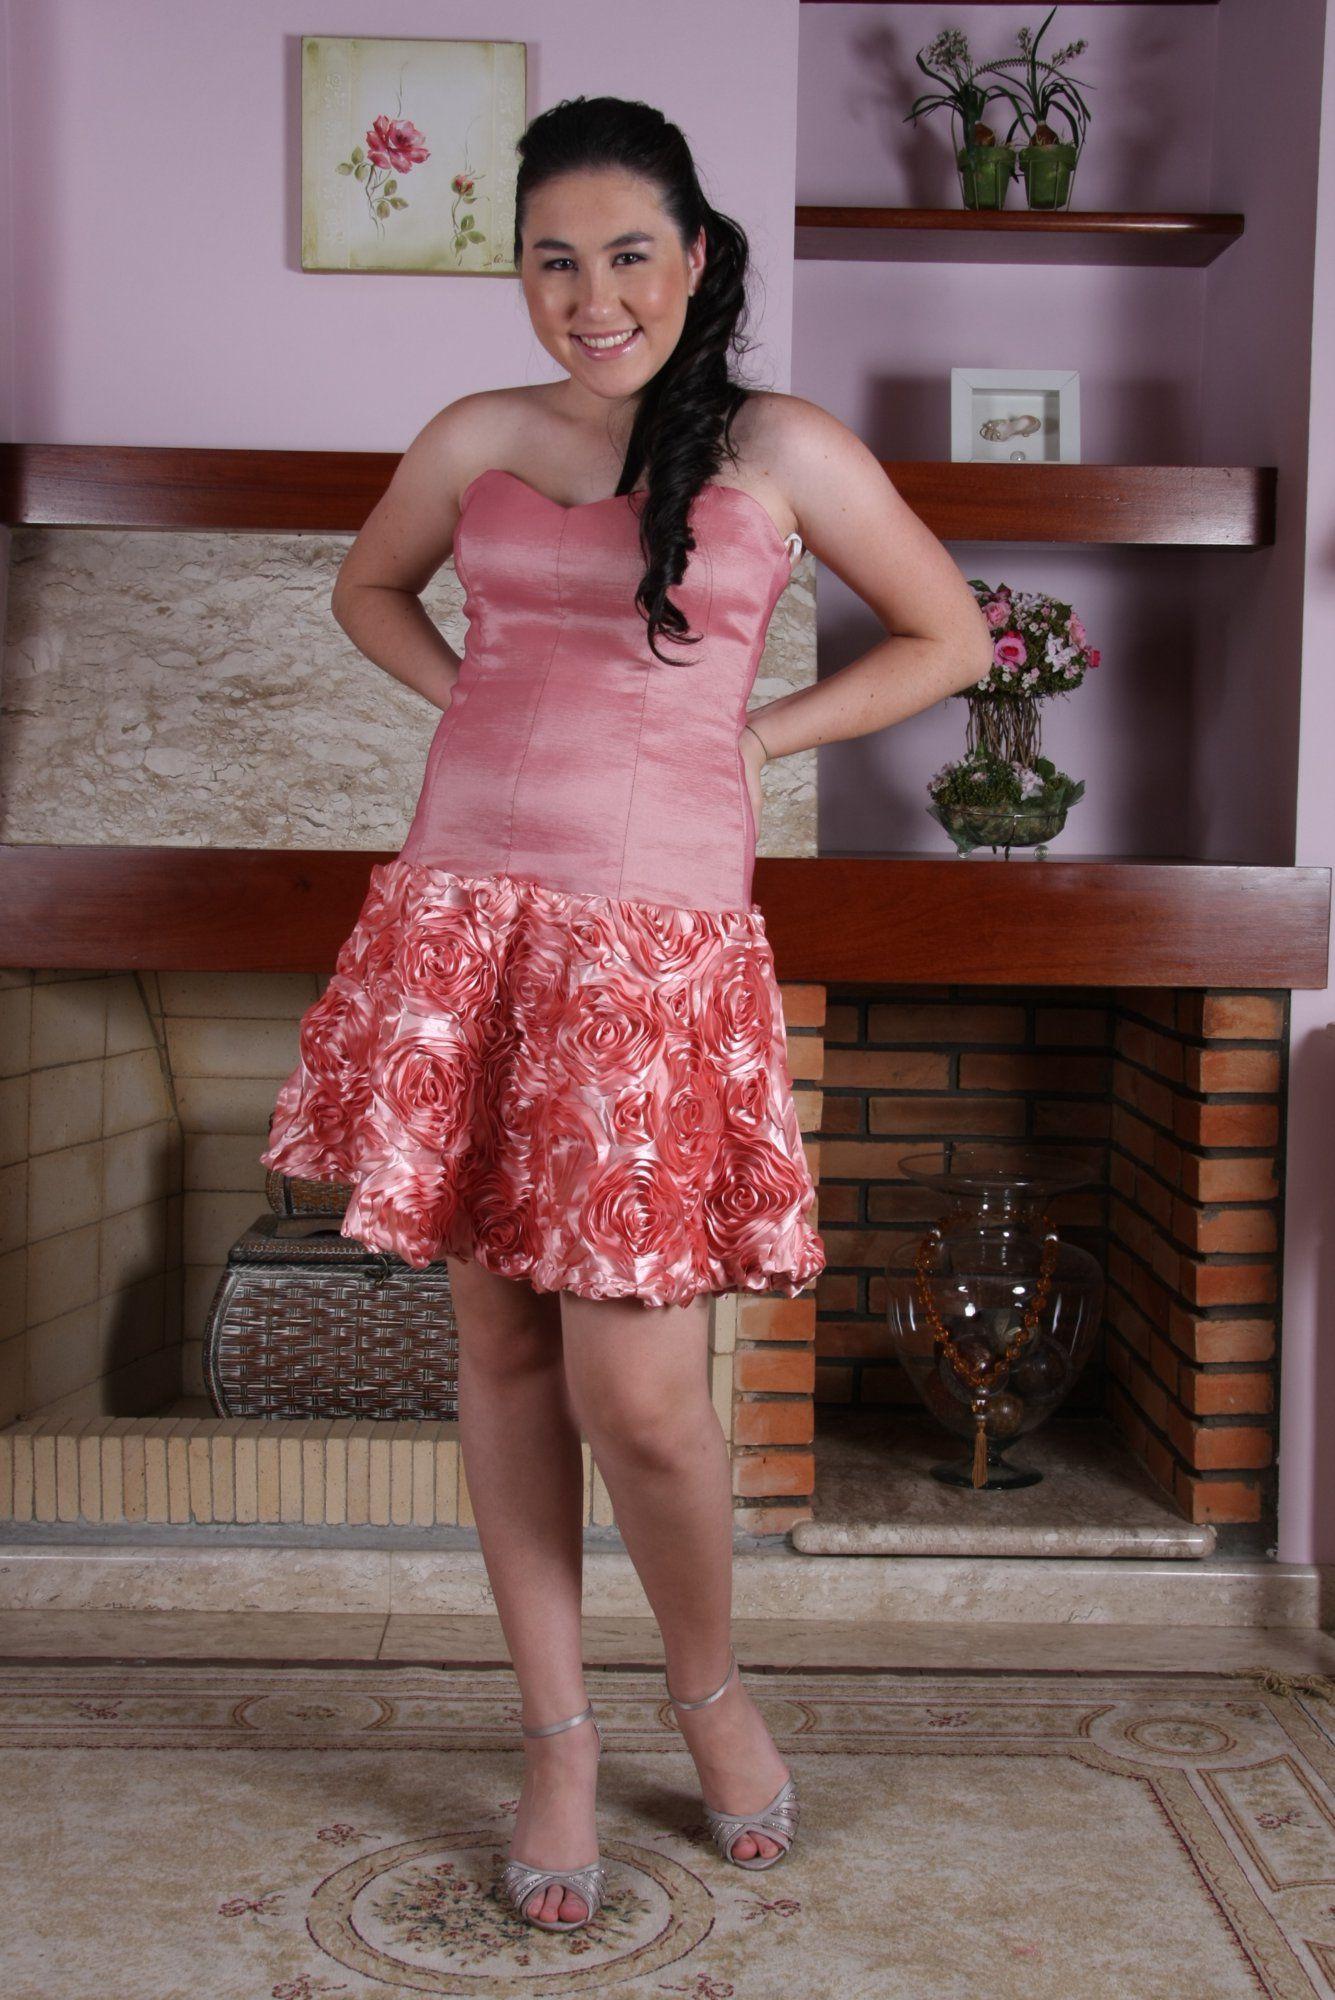 Vestido de Debutante Rosa - 18 - Hipnose Alta Costura e Spa para Noivas e Noivos - Campinas - SP Vestido de Debutante, Vestido de Debutante Rosa, Hipnose Alta Costura